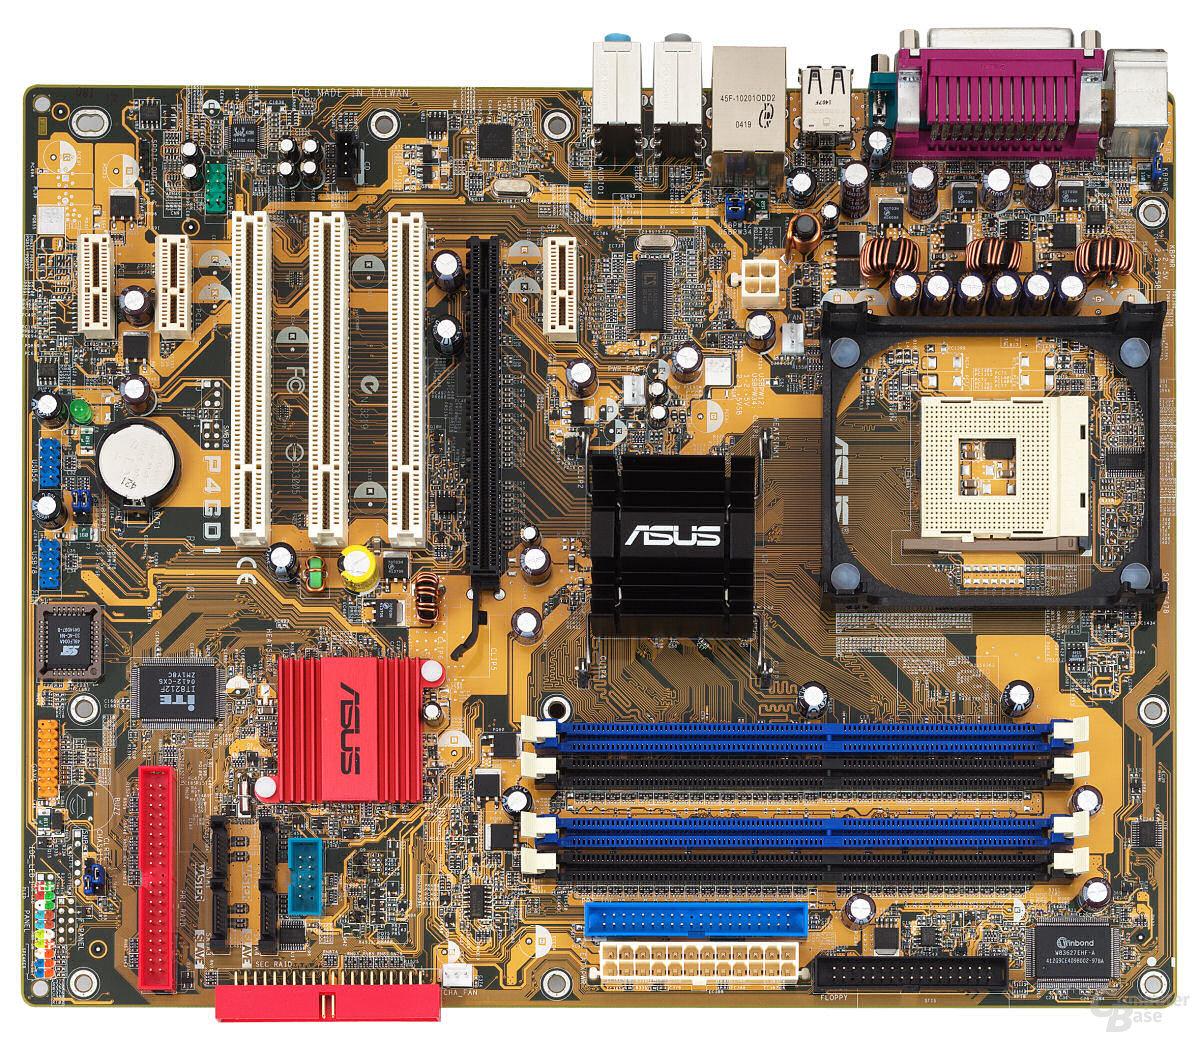 Das Asus P4GD1 (aber auch das P4GPL-X) kann dank 915P- bzw. 915PL-Chipsatz auch mit Features wie PCI Express aufwarten